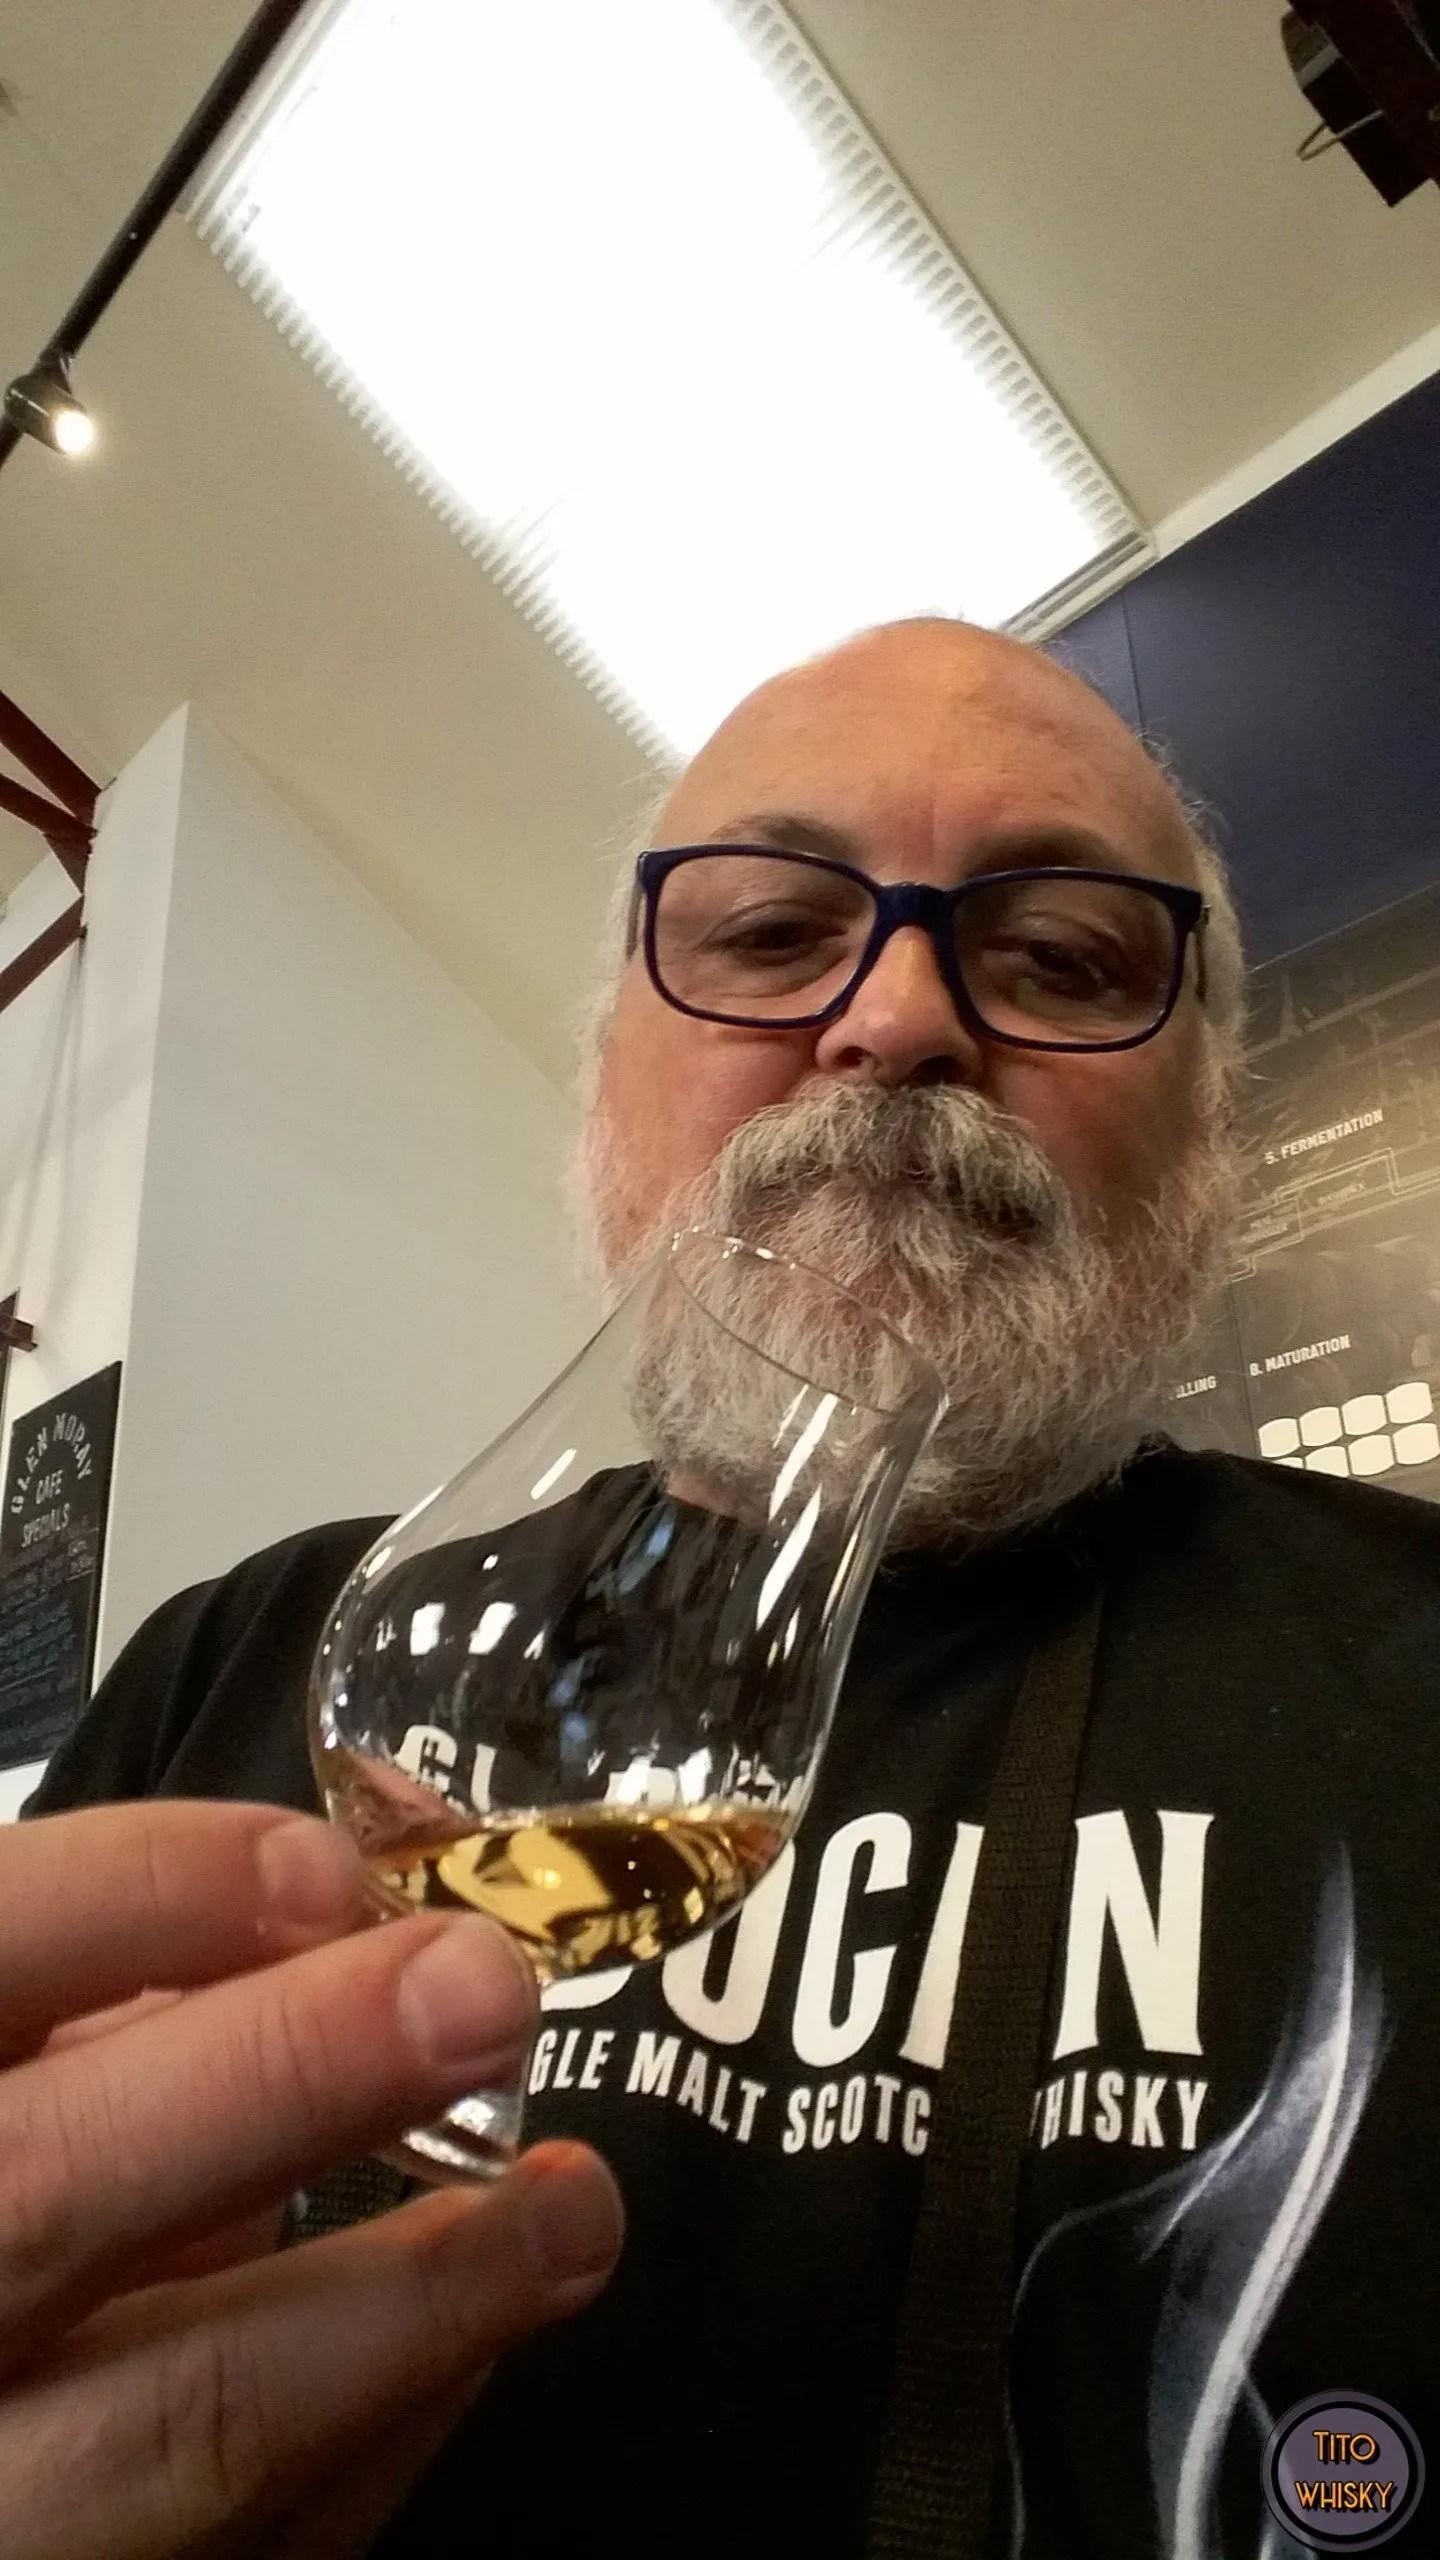 Tito degustando whisky destilería Glen Moray